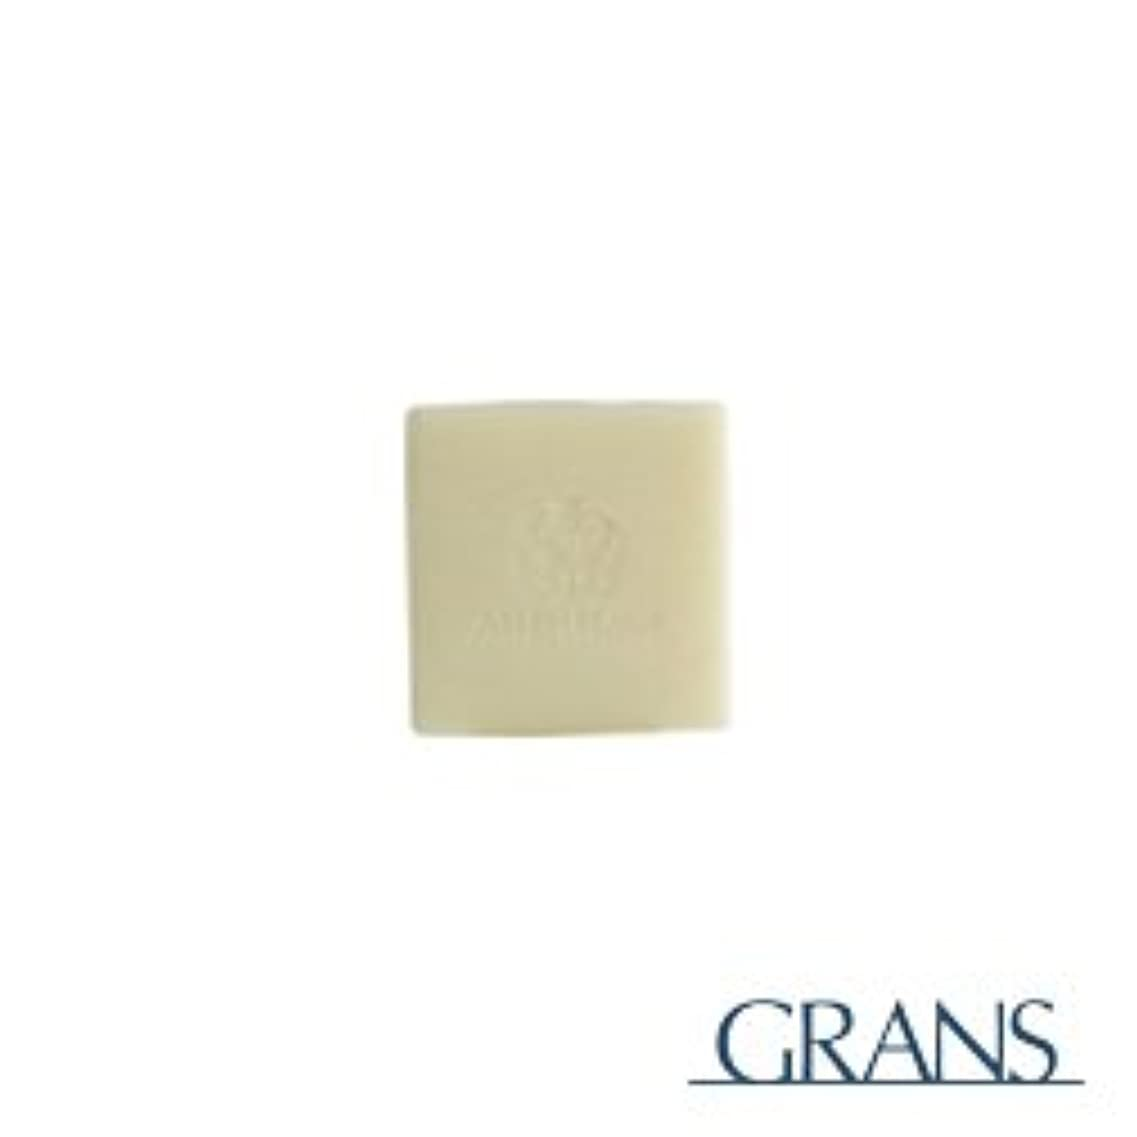 側面危険にさらされている教育ナリス化粧品 アッサンブラージュ ローズマリアージュエクストラフィールソープRM 120g